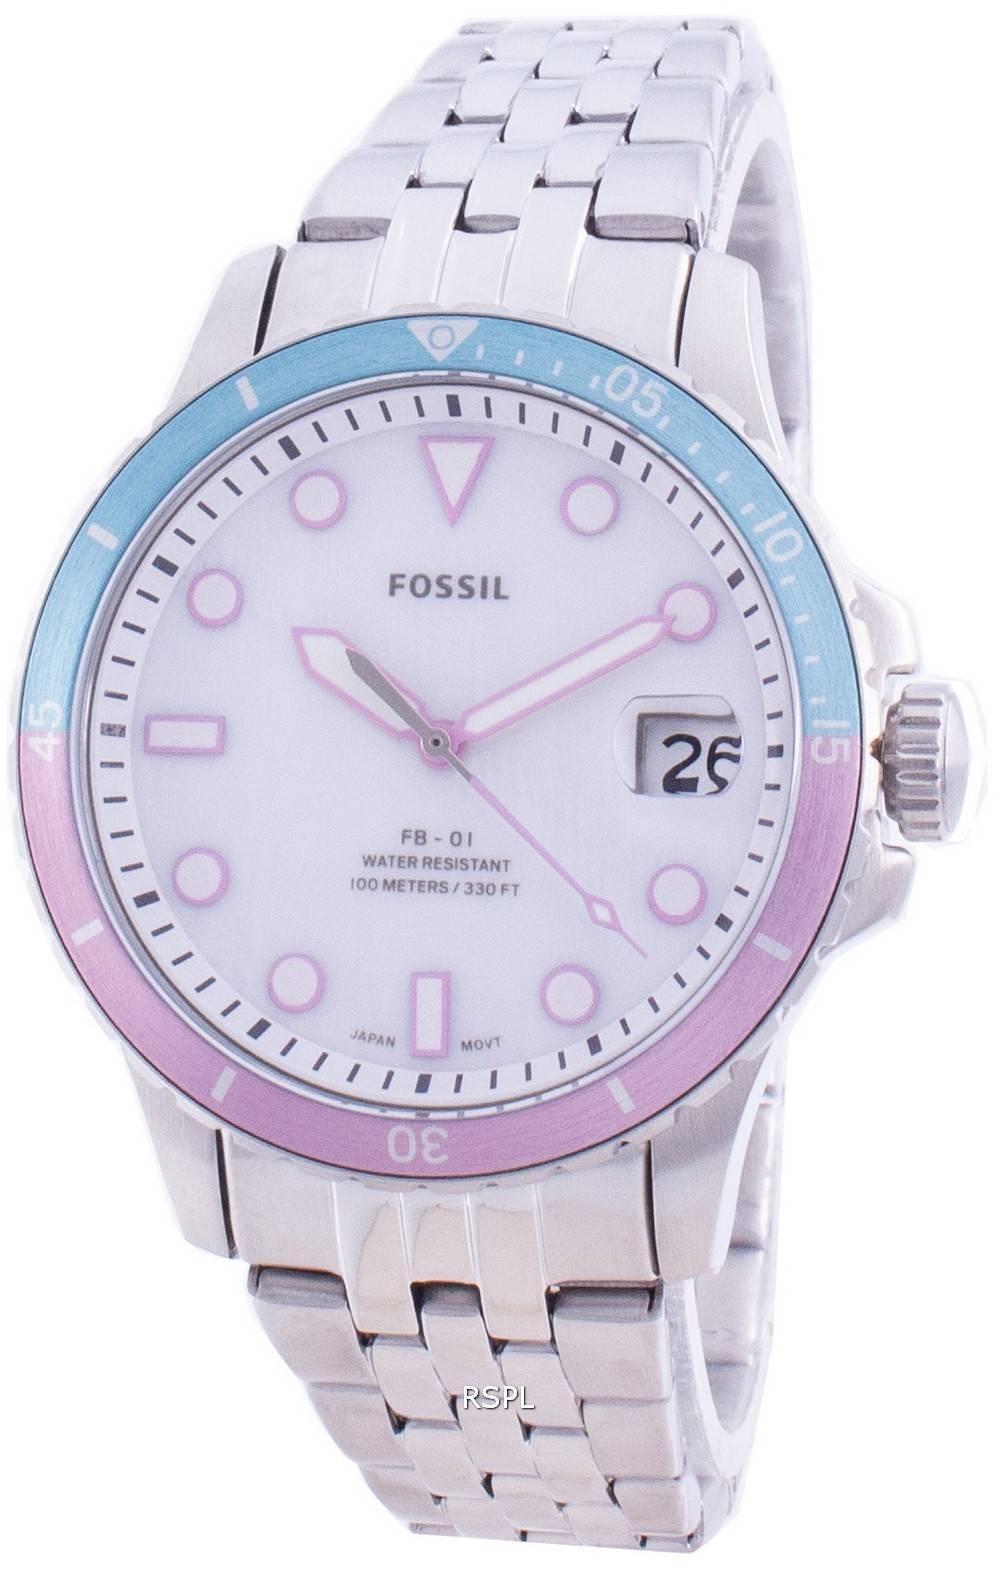 Fossile FB-01 ES4741 Quarz Damenuhr